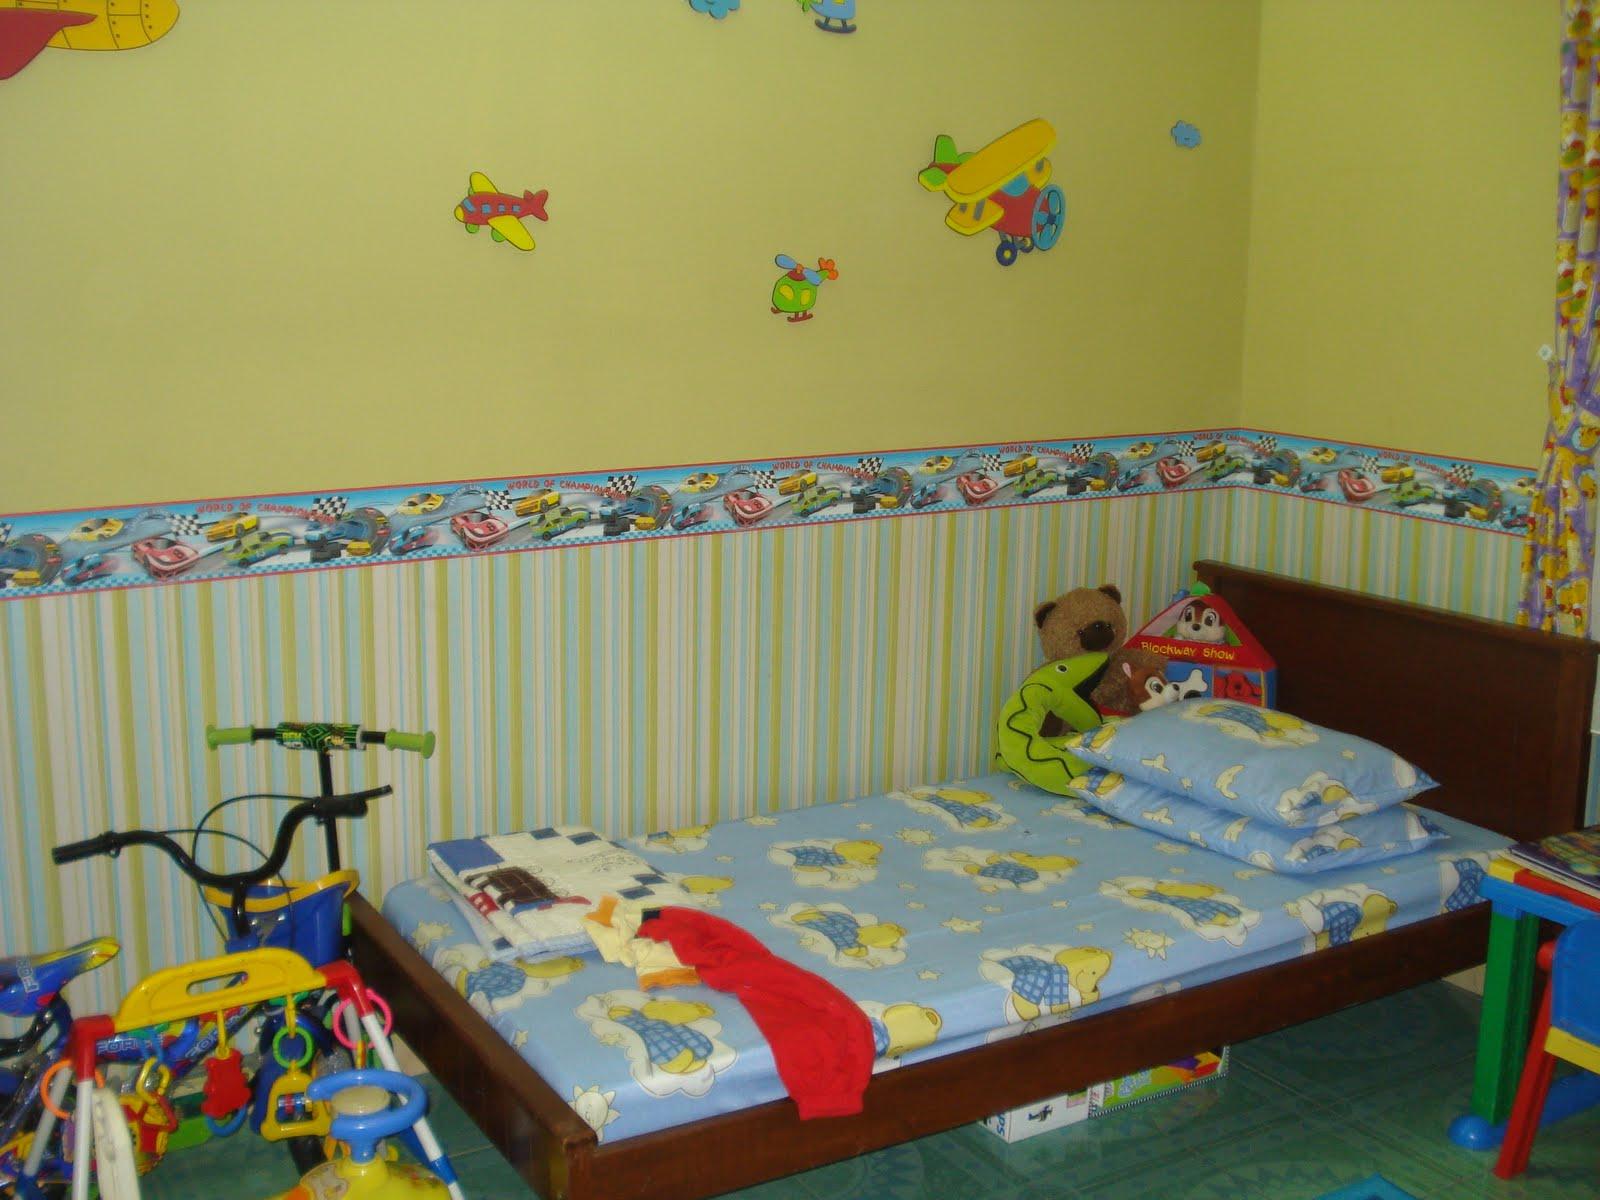 Tauke Langsir Pilih Wallpaper Kidland Untuk Bilik Anaknya